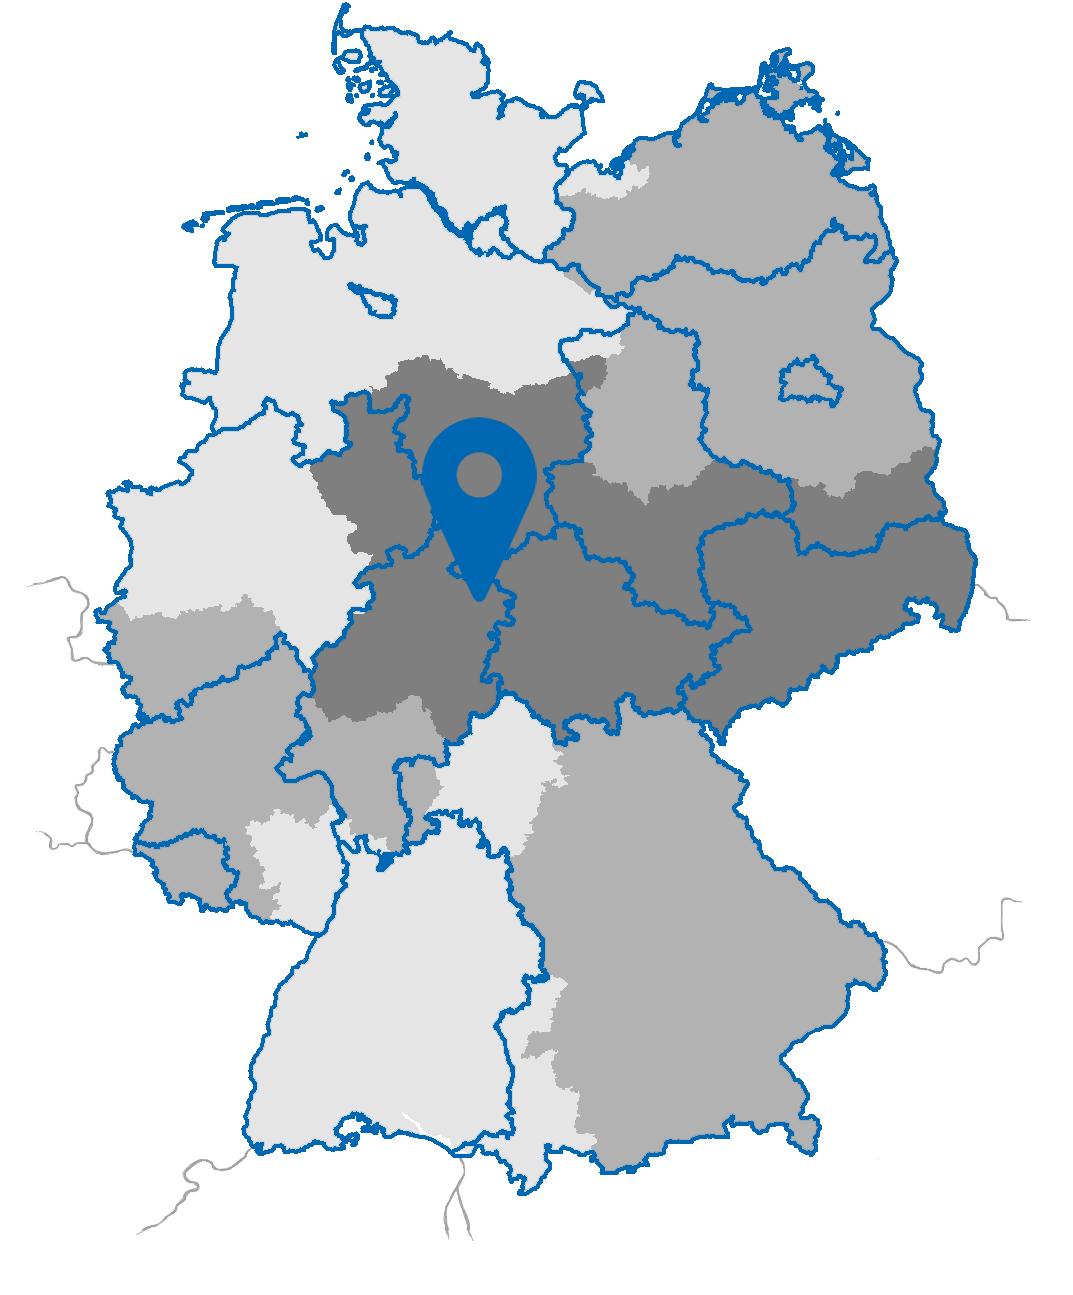 Flexseal based in germany